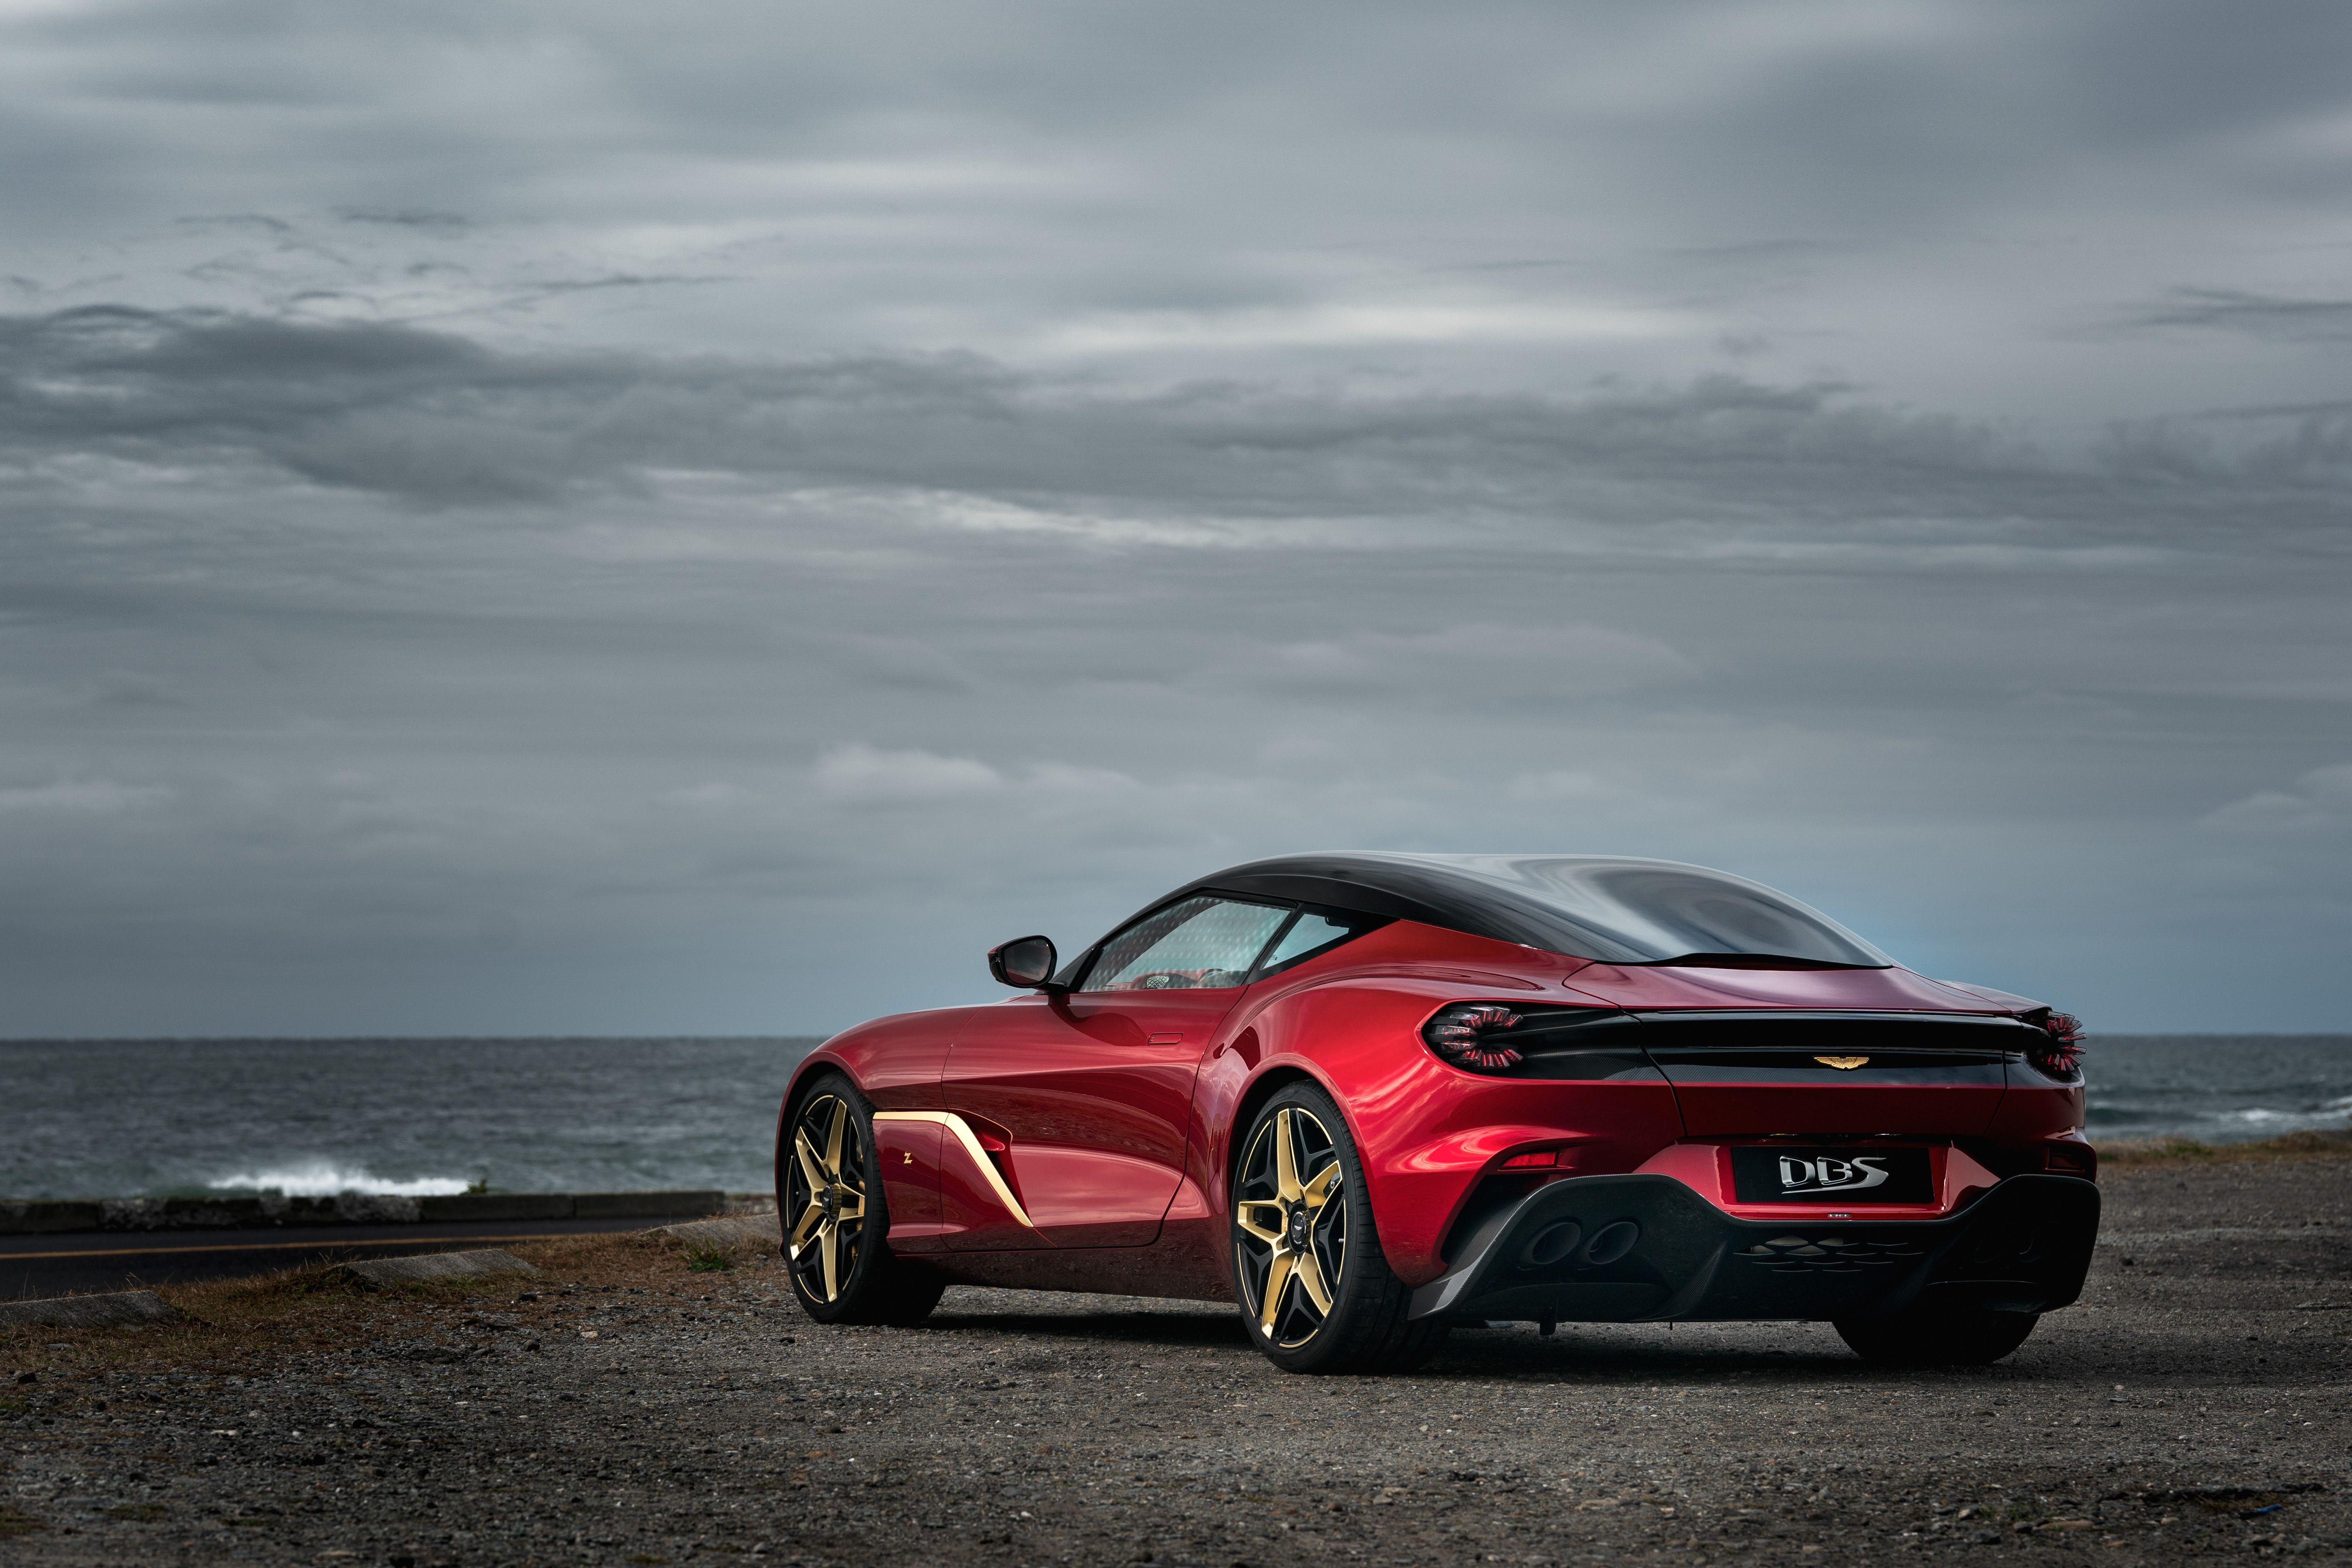 Aston Martin Dbs Gt Zagato Revealed With 760 Hp V 12